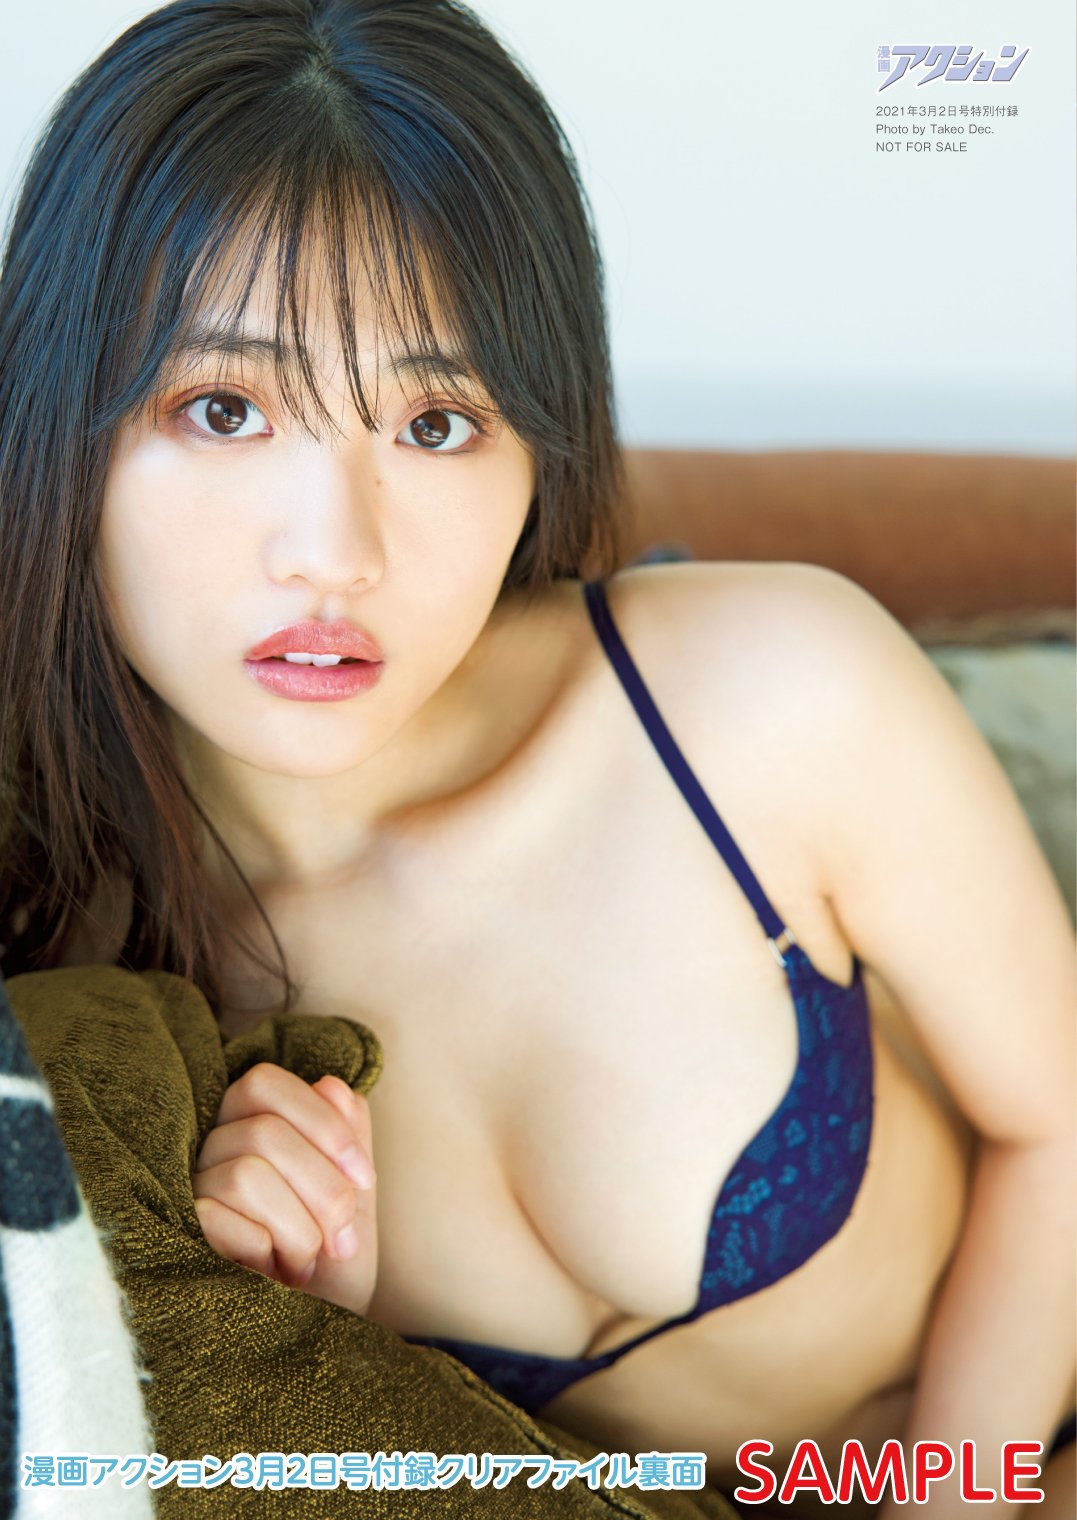 石田桃香が『漫画アクション』の表紙巻頭グラビアに登場!【画像4枚】の画像002